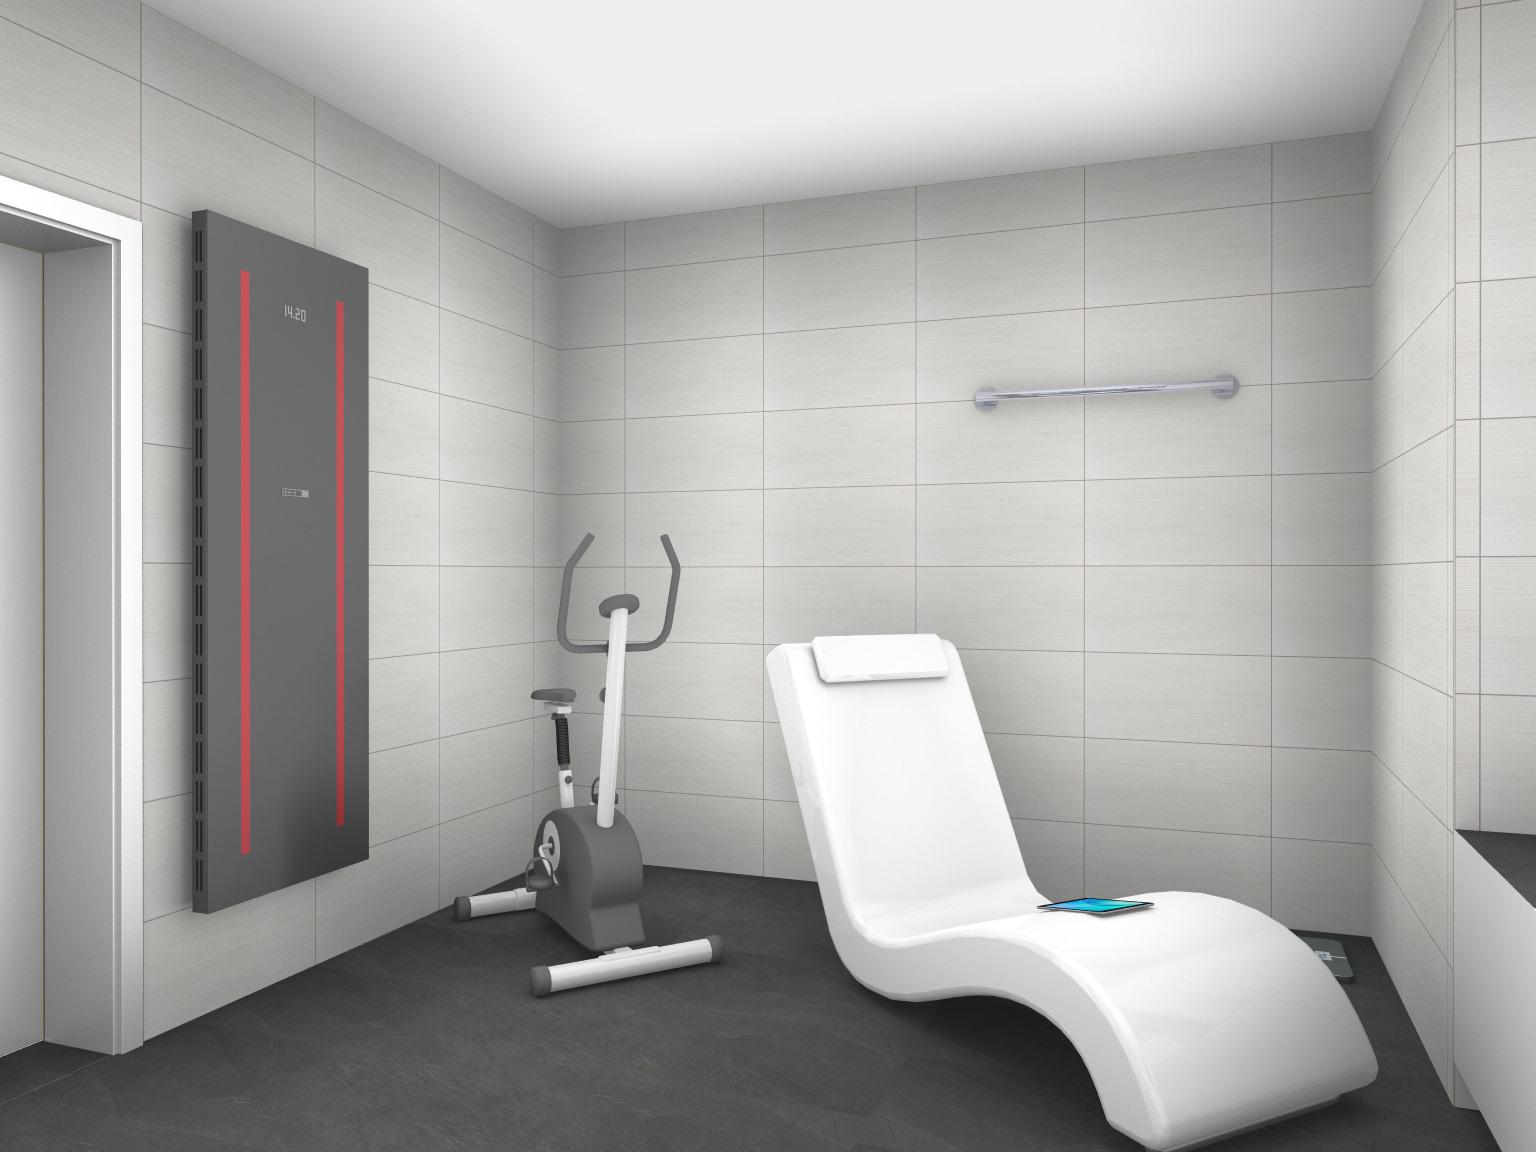 badtrend sportbad barbara maxonus. Black Bedroom Furniture Sets. Home Design Ideas